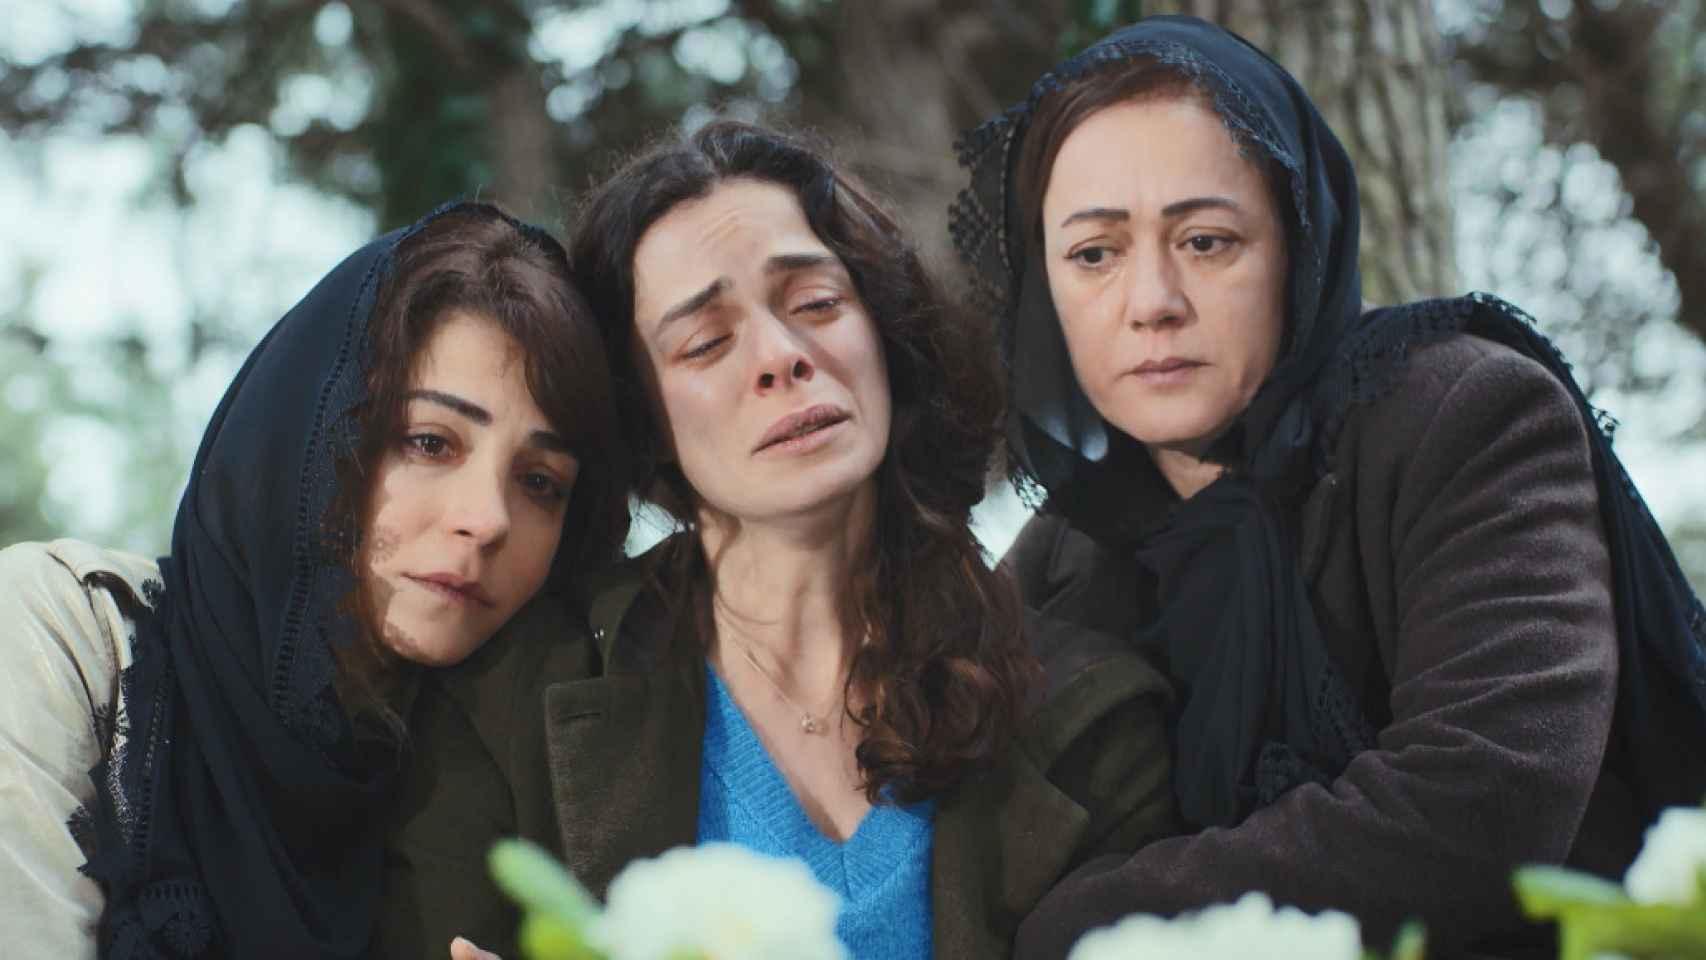 Avance en fotos de la segunda parte del capítulo 50 de 'Mujer' que Antena 3 emite este martes 16